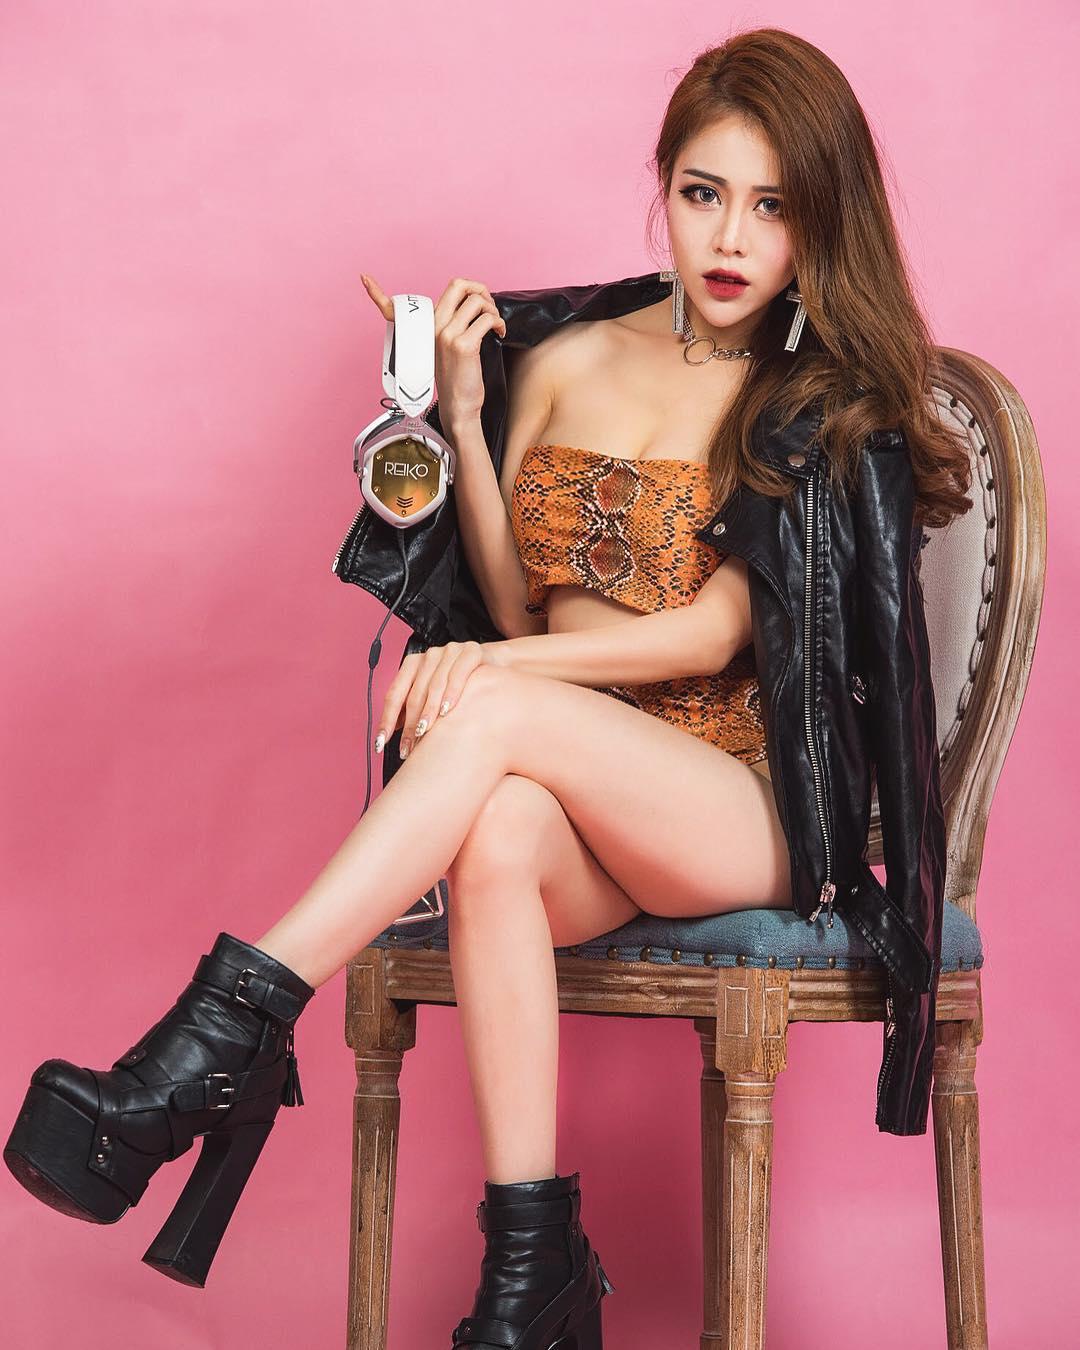 nữ dj xinh đẹp - reiko tạo dáng chụp hình